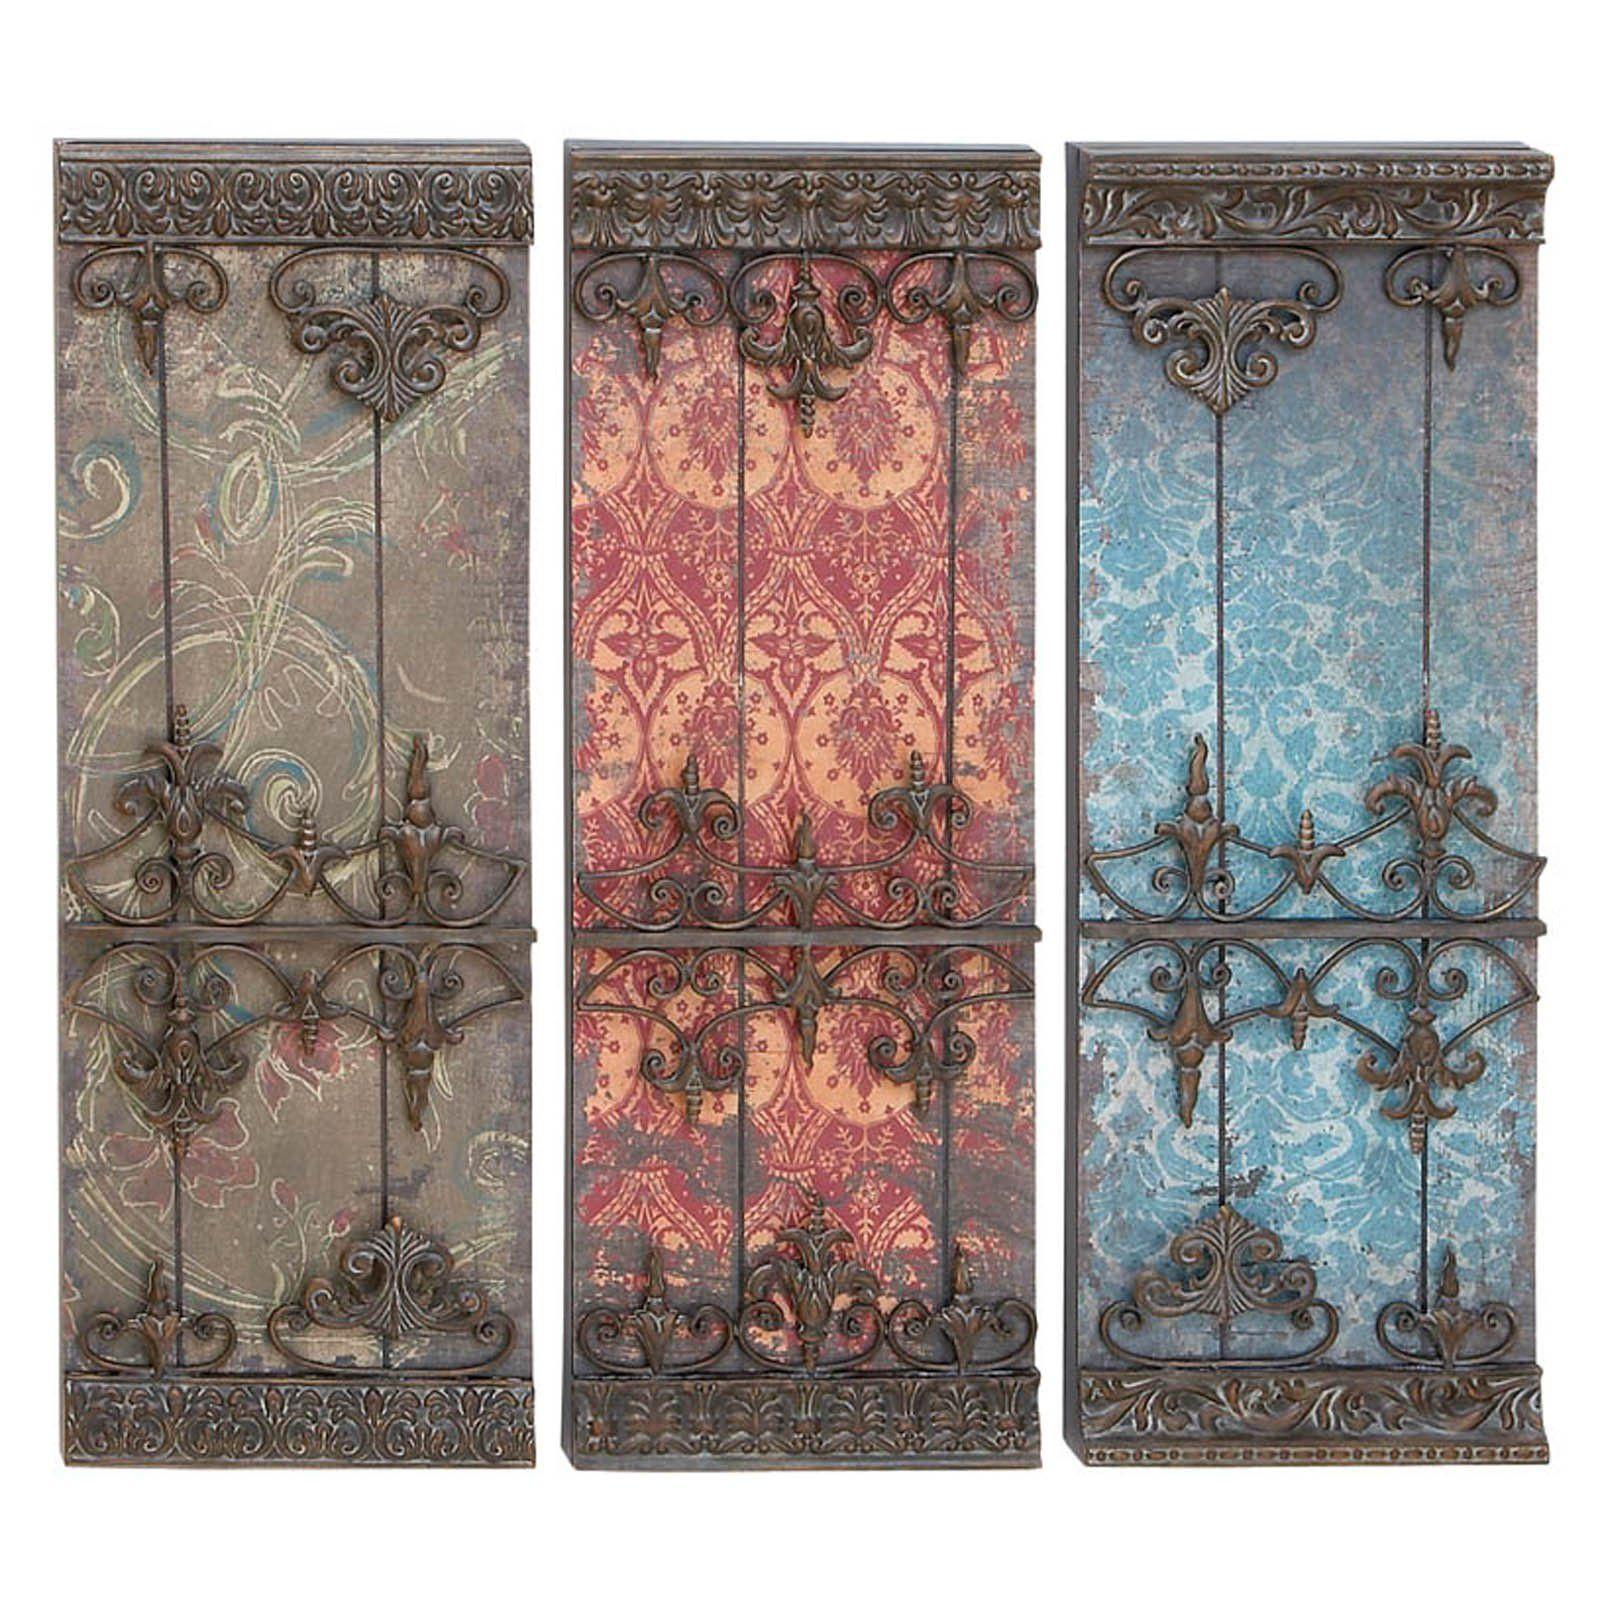 DecMode Fleur De Lis Textured Wall Plaque Set of 3 in